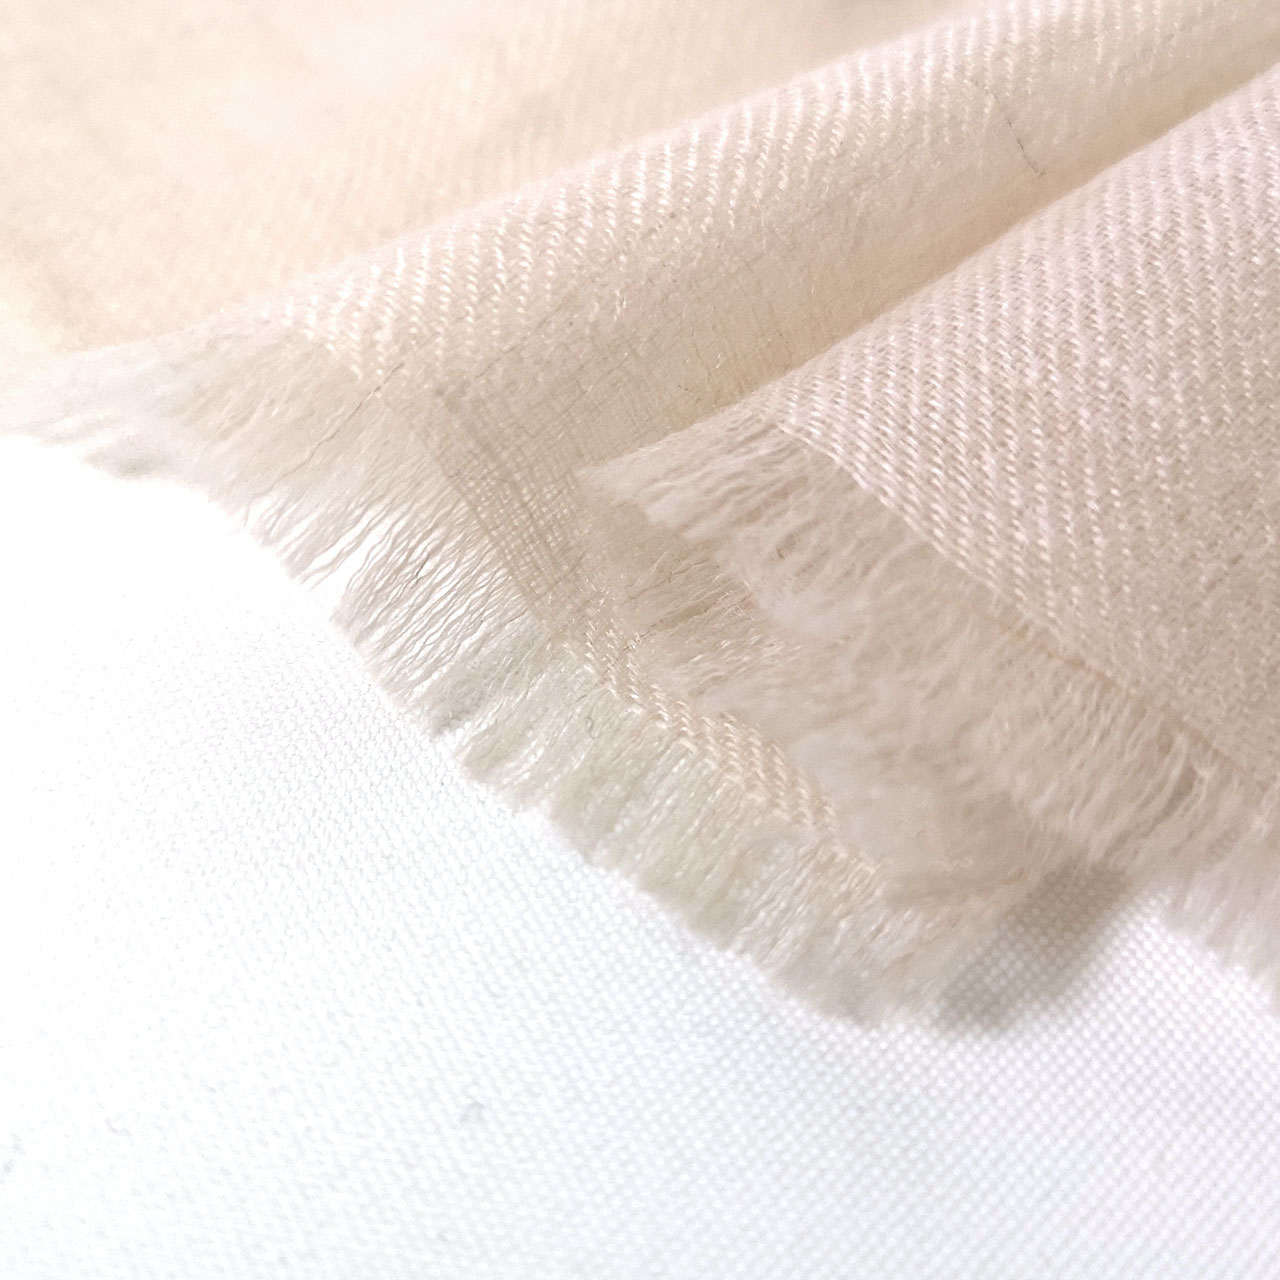 メンズ 刺繍ストール マフラー パシュミナ ナチュラルベージュ×ネイビー [70cm巾]  誕生日 プレゼント 秋冬